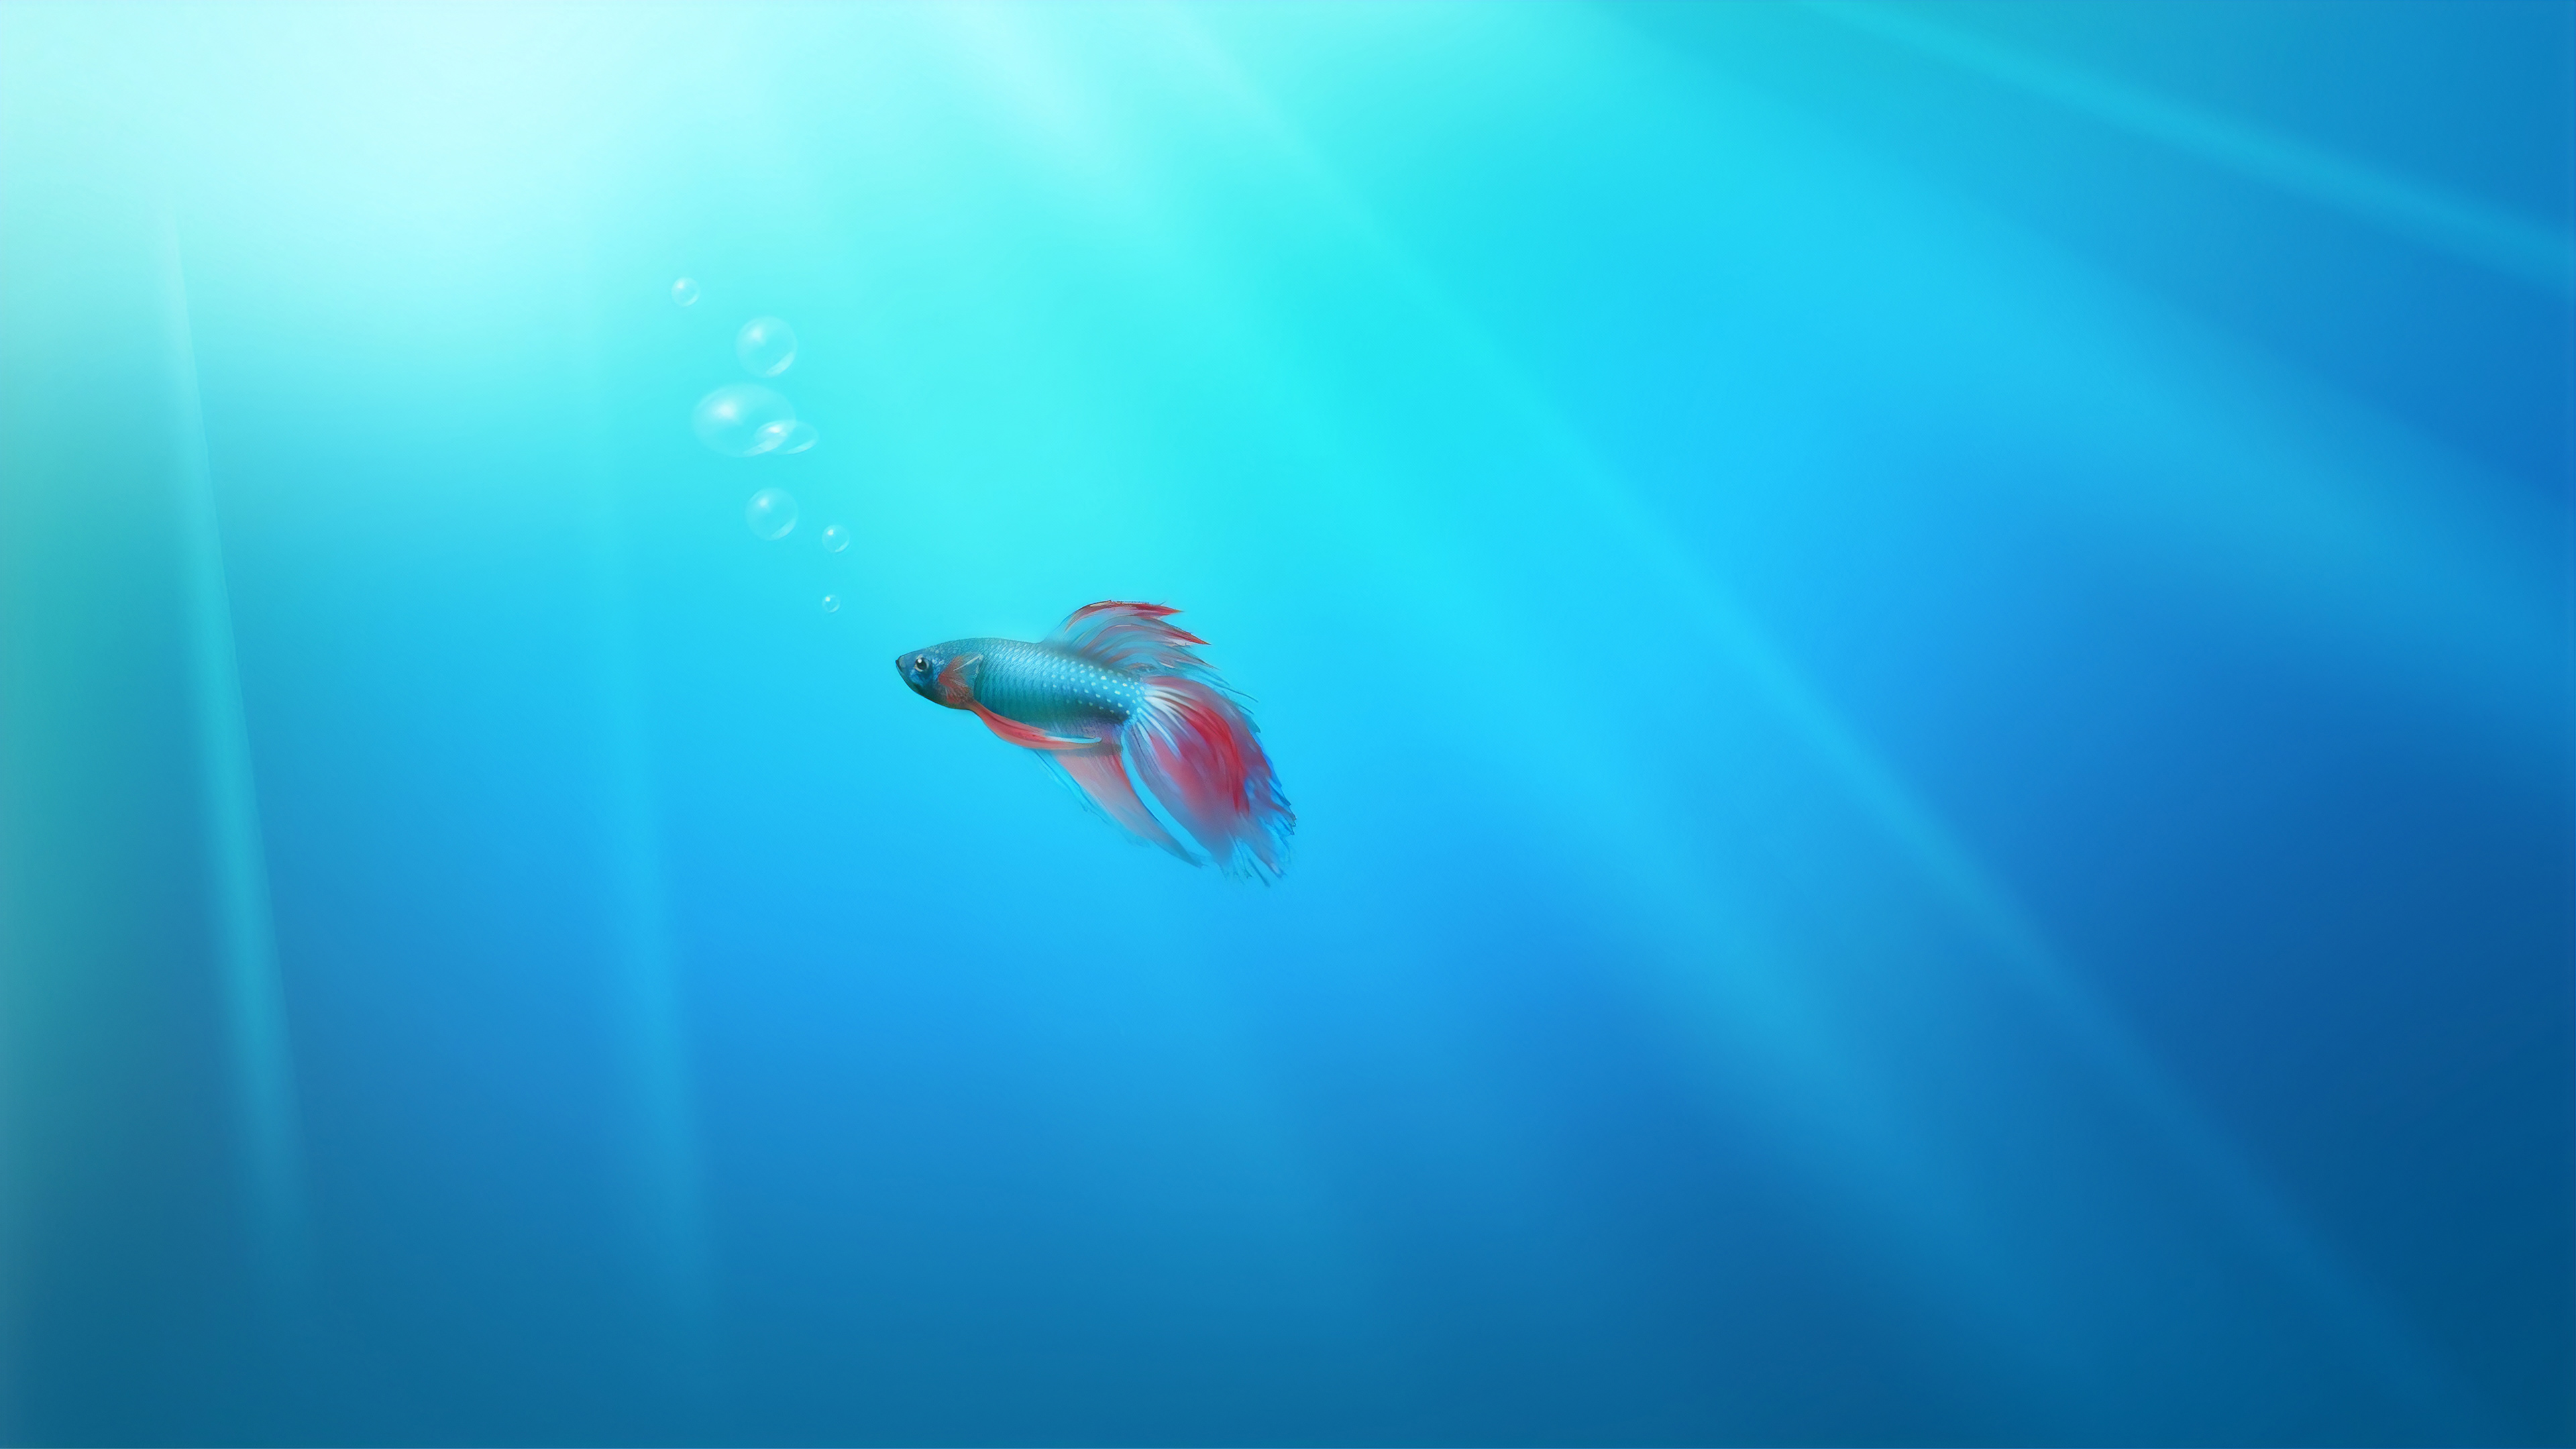 siamese fish 1574938088 - Siamese Fish -